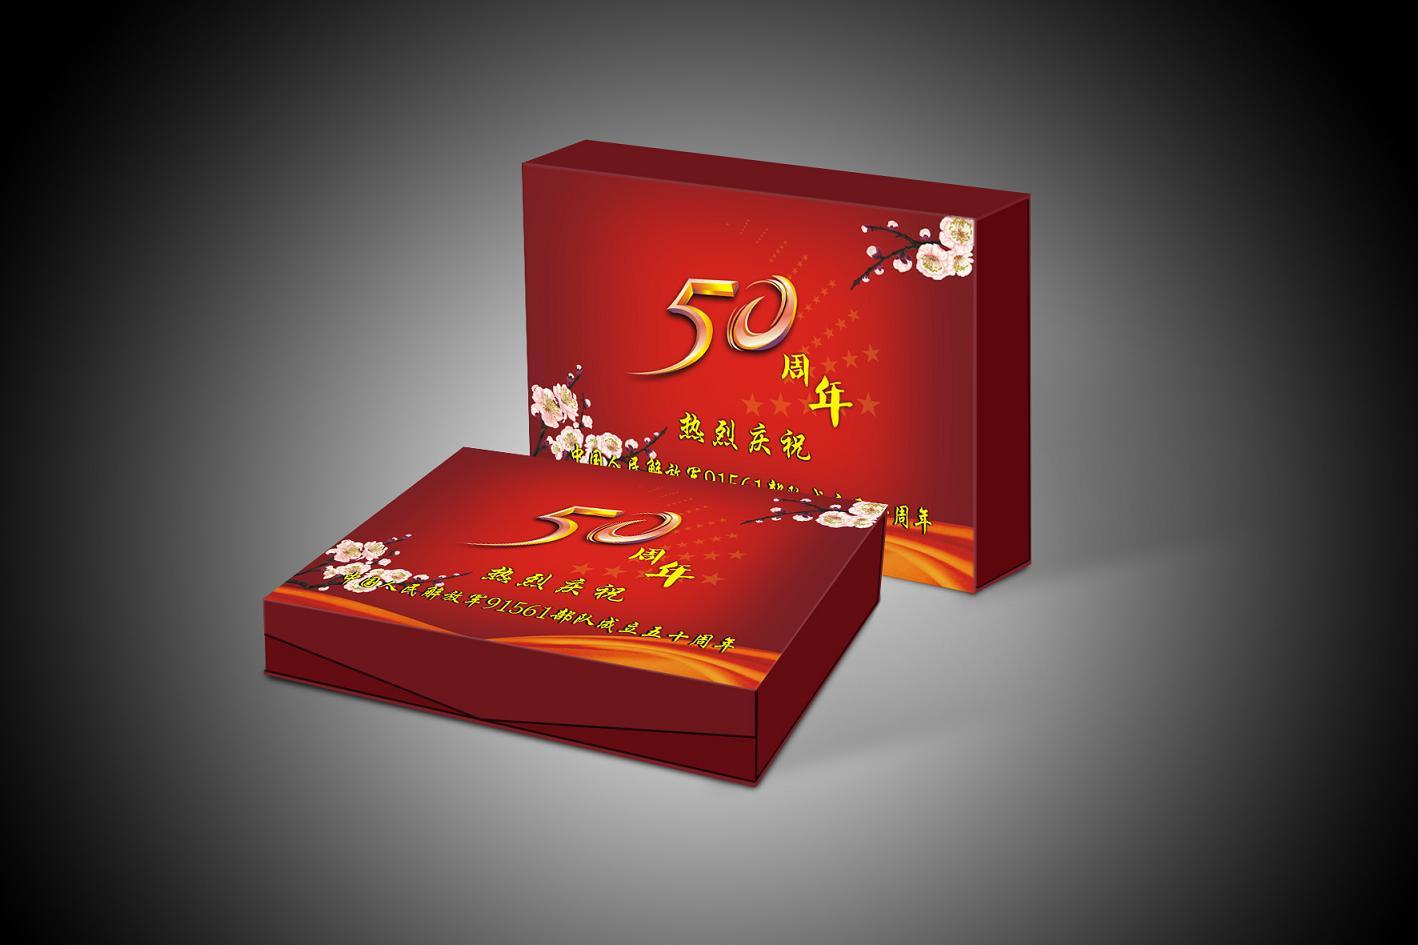 供应厂家定做天地盖服装衬衫包装盒 南京衬衫内衣盒设计公司/南京家纺